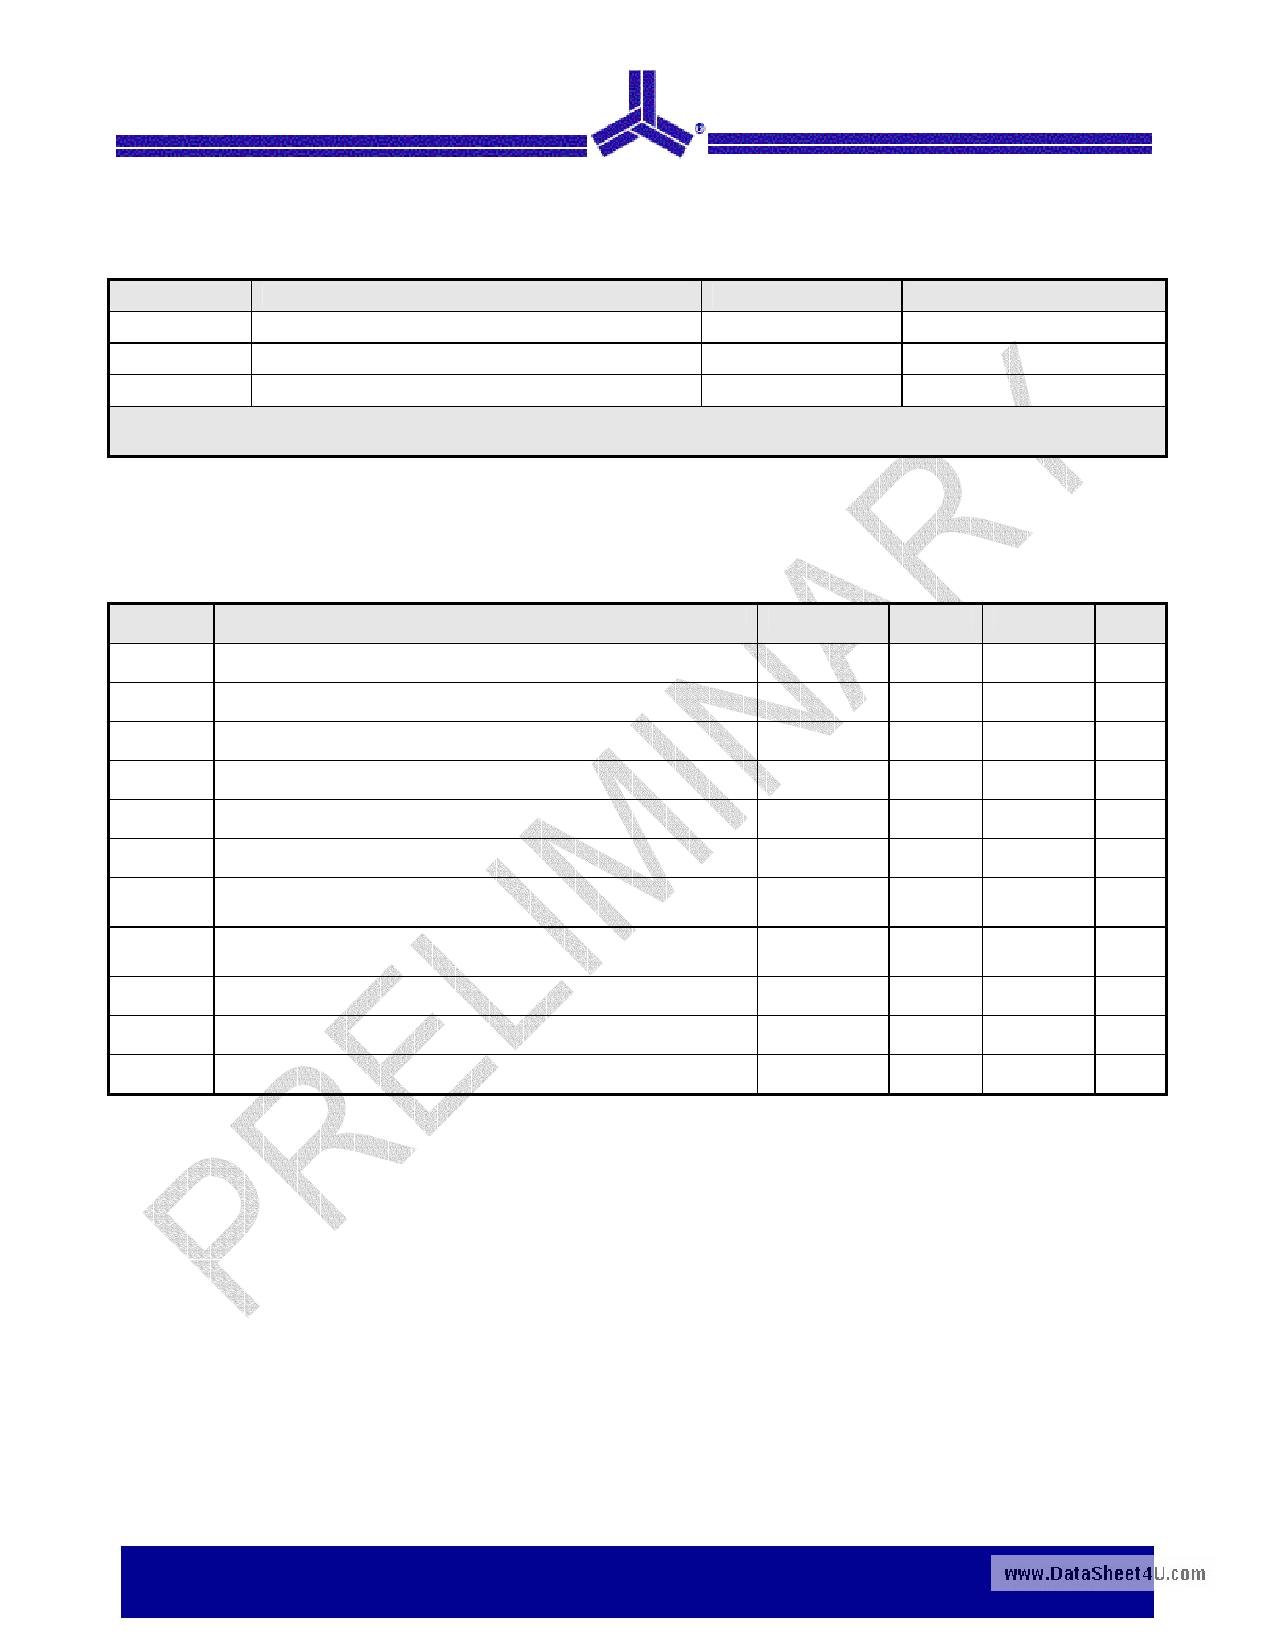 ASM3P2182A pdf, ピン配列